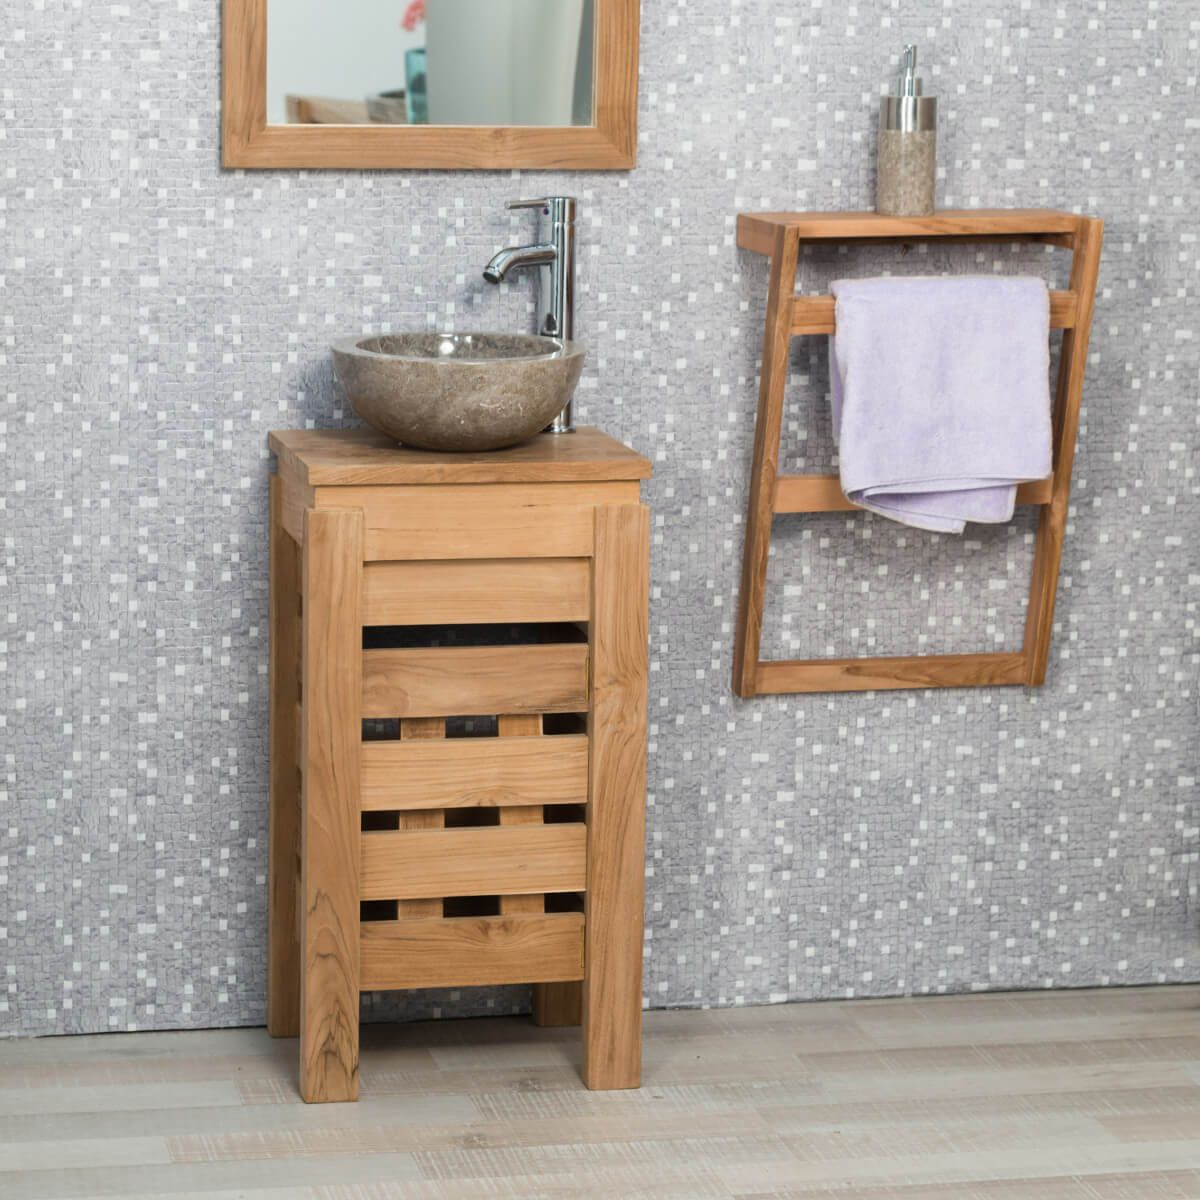 Petit meuble salle de bain wc zen en teck 40cm for Meuble sous vasque 40 cm profondeur